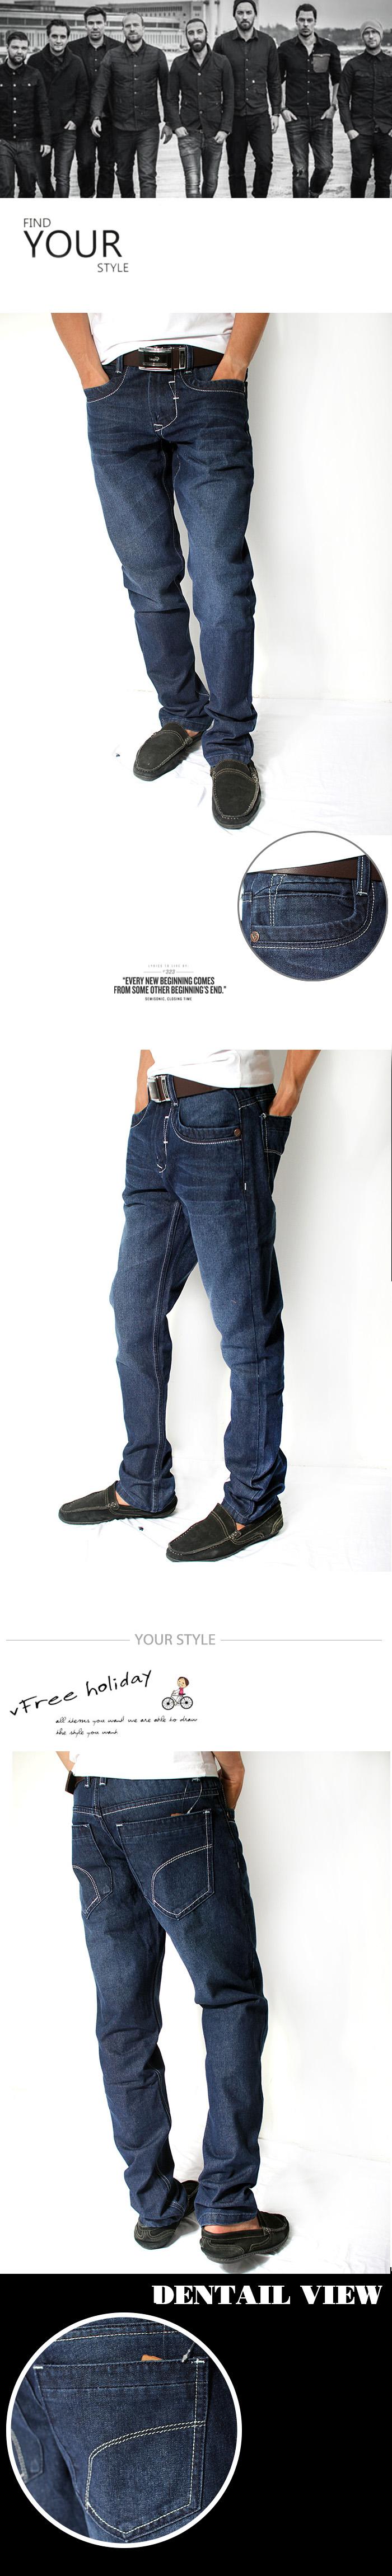 Quần jean xanh đen qj1169 - 1